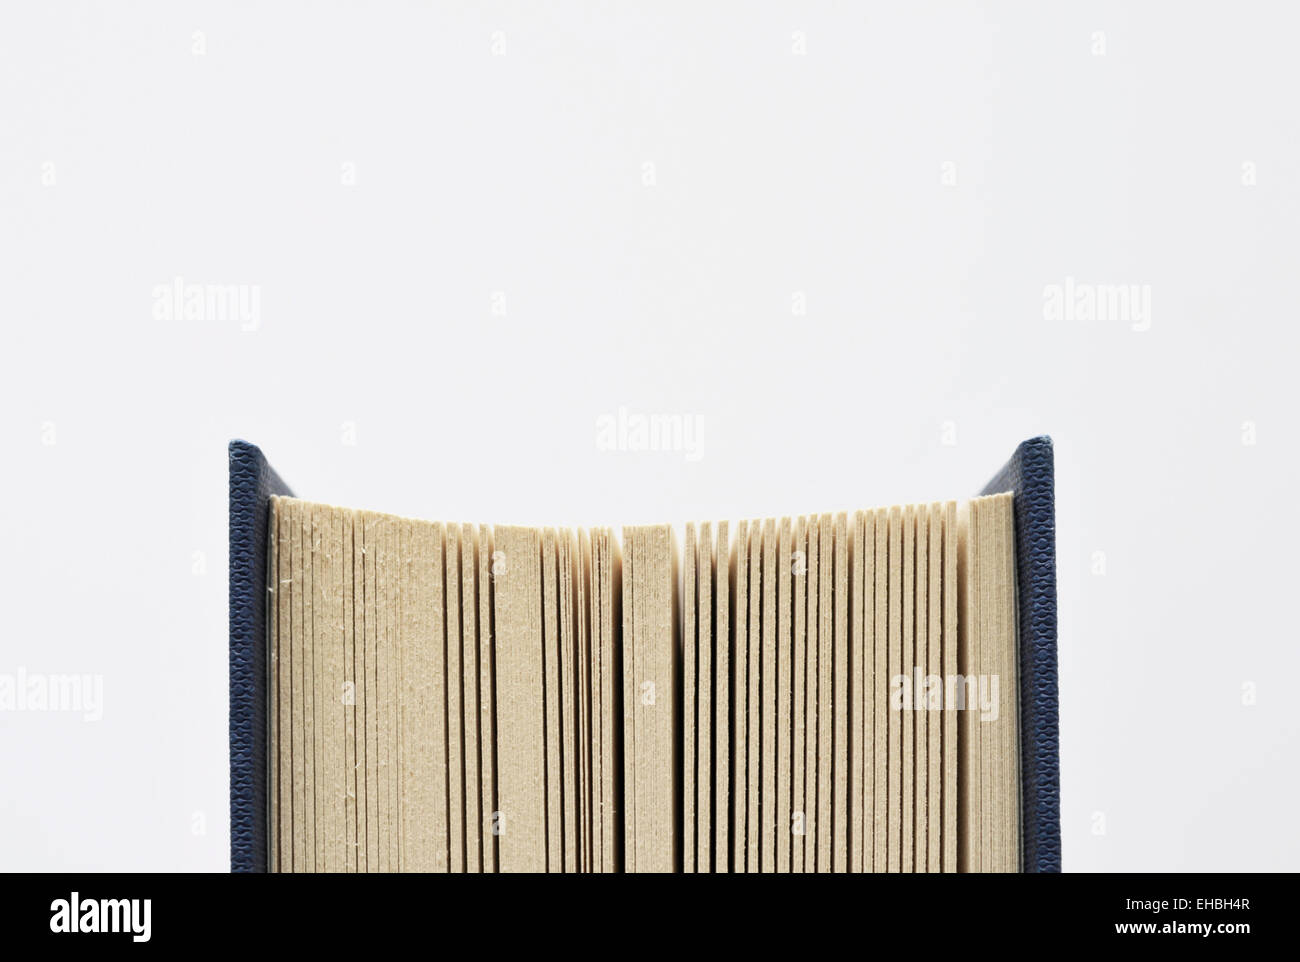 Detalle de libro Imagen De Stock